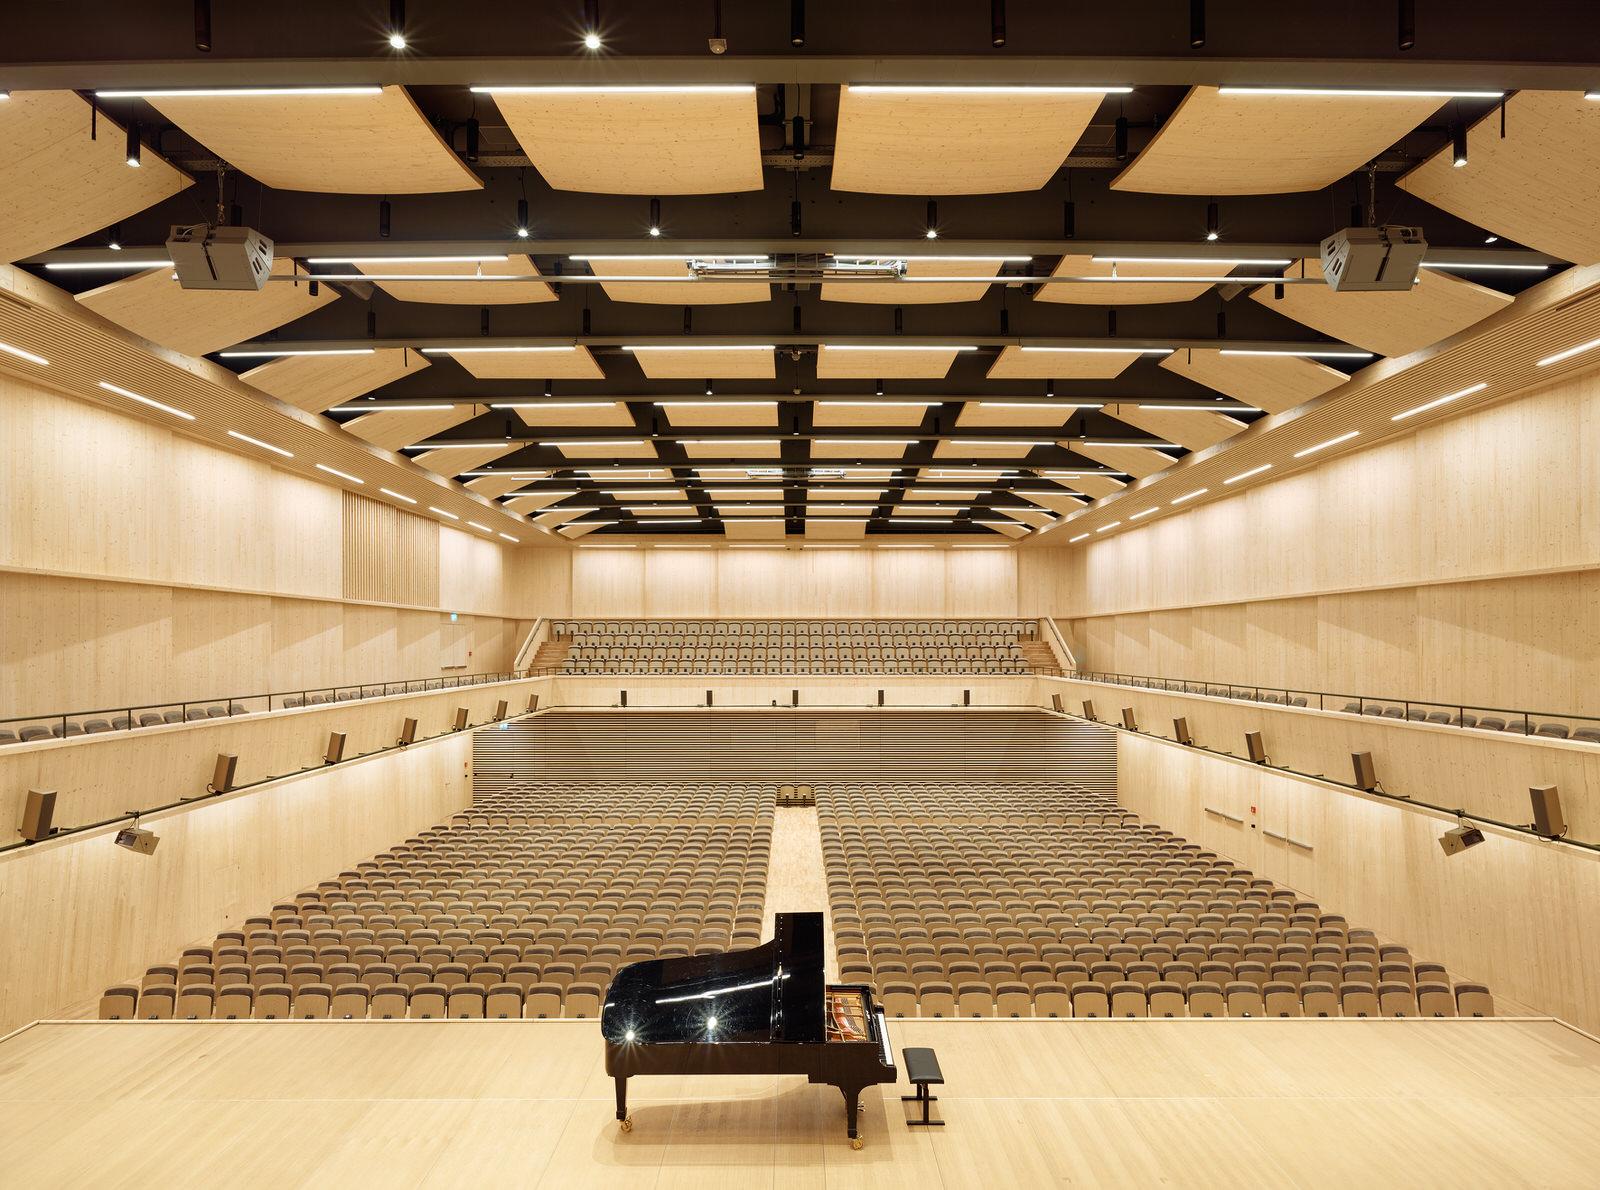 Die Interimsspielstätte des Tonhalle-Orchester Zürich auf dem Maag-Areal im Zürcher Westen.Foto © Hannes Henz